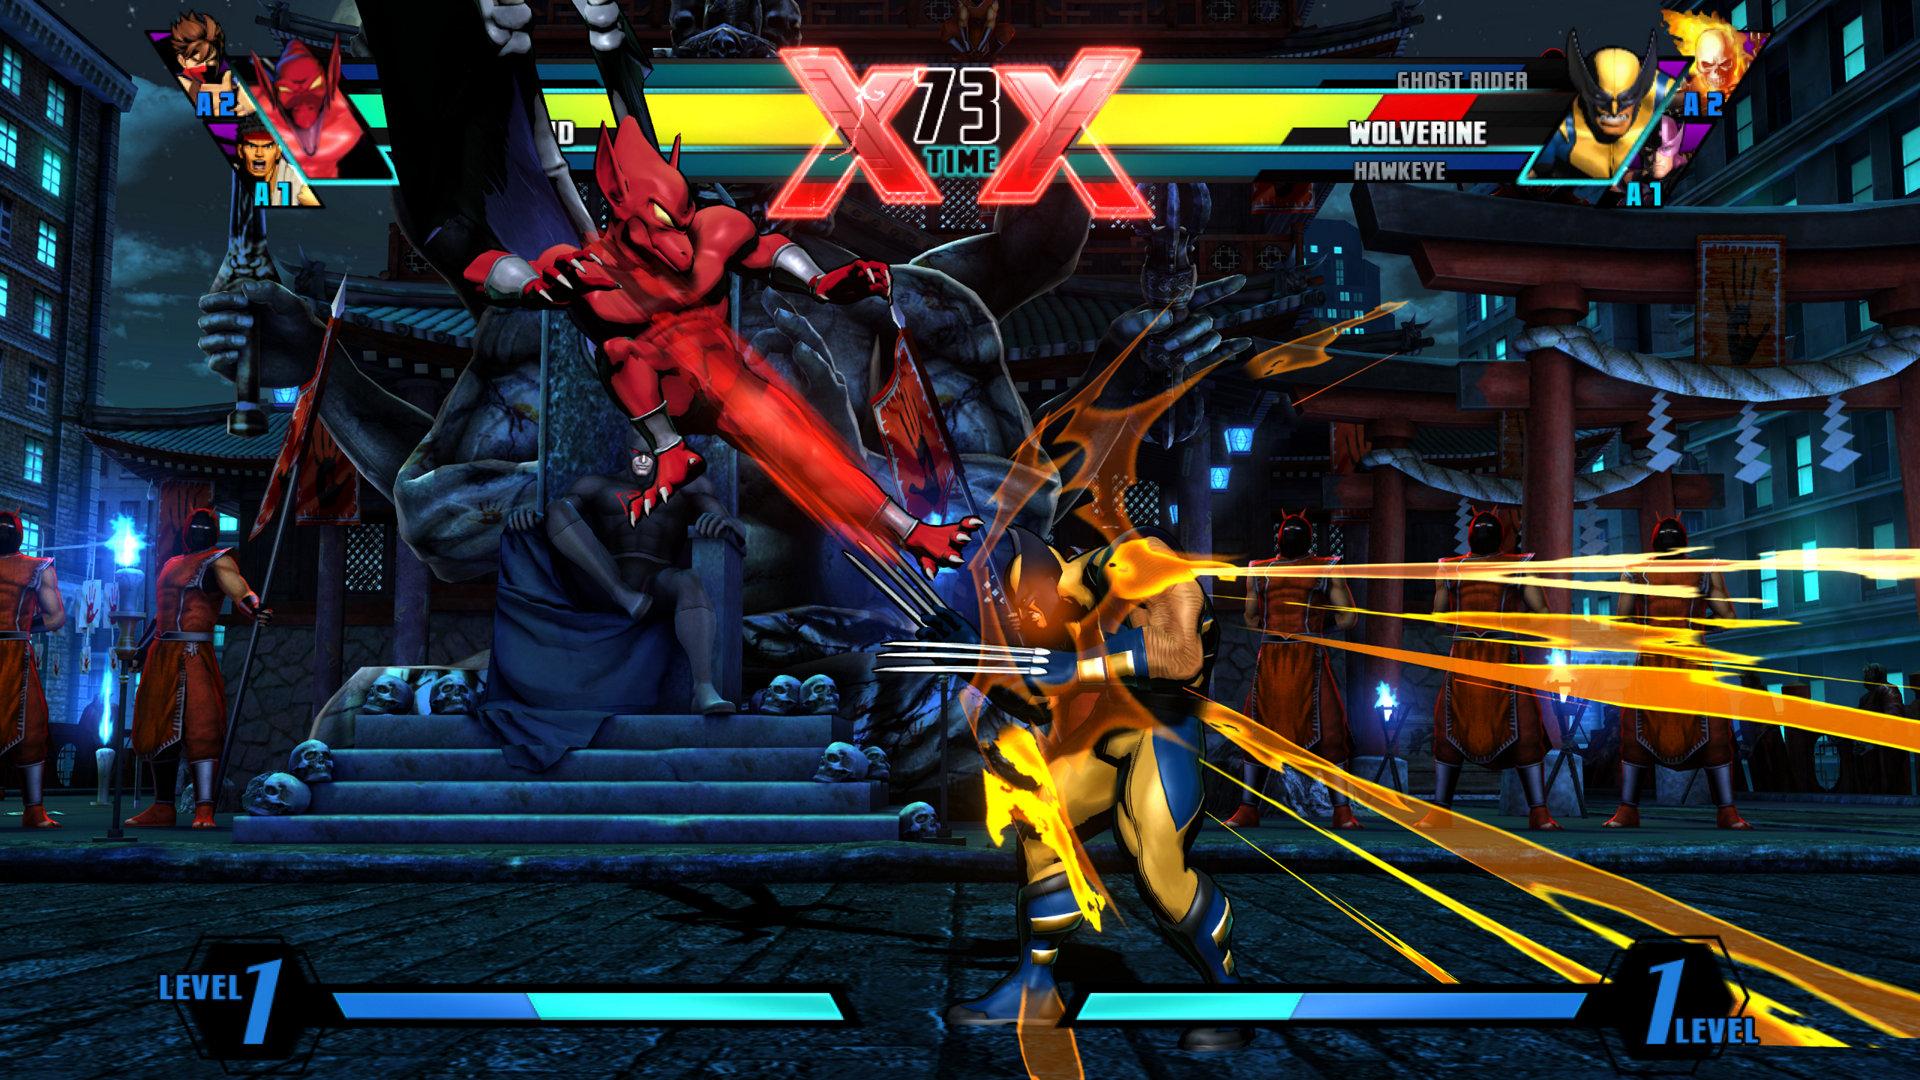 Marvel Vs Capcom Wallpapers Video Game Hq Marvel Vs Capcom